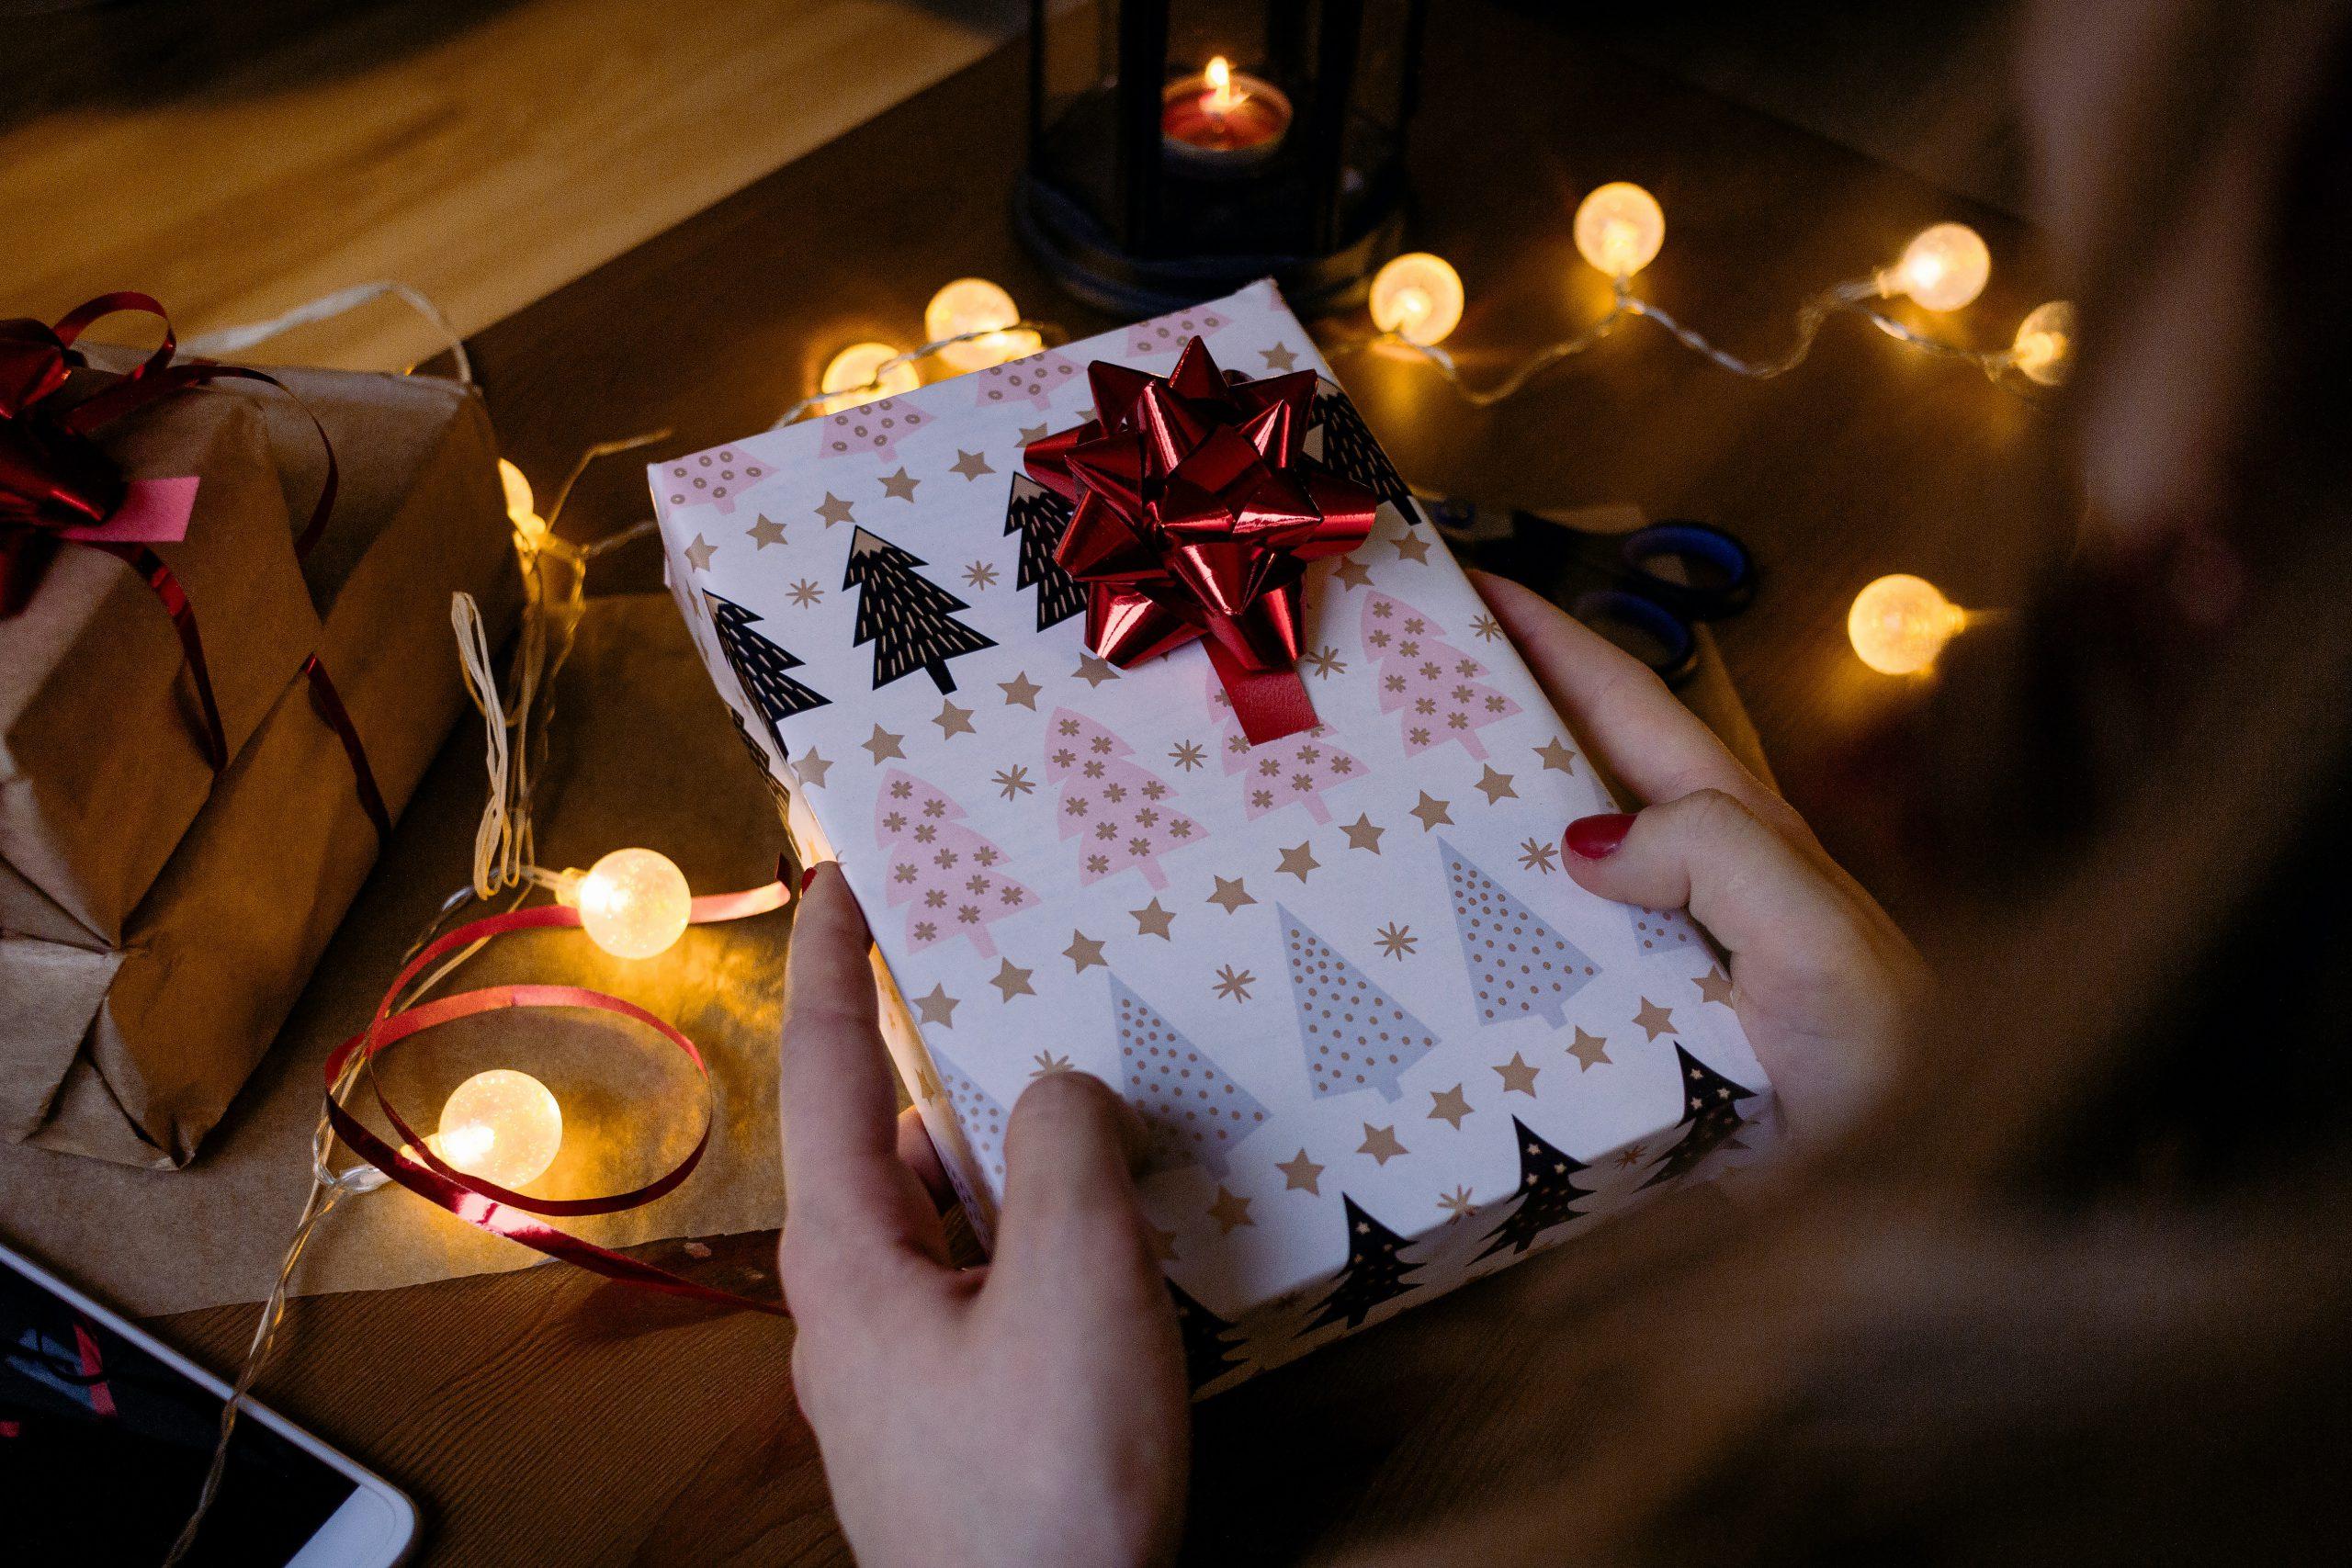 Feiertagsvorbereitungen – 3 Schritte für effizientes Retourenmanagement an Weihnachten